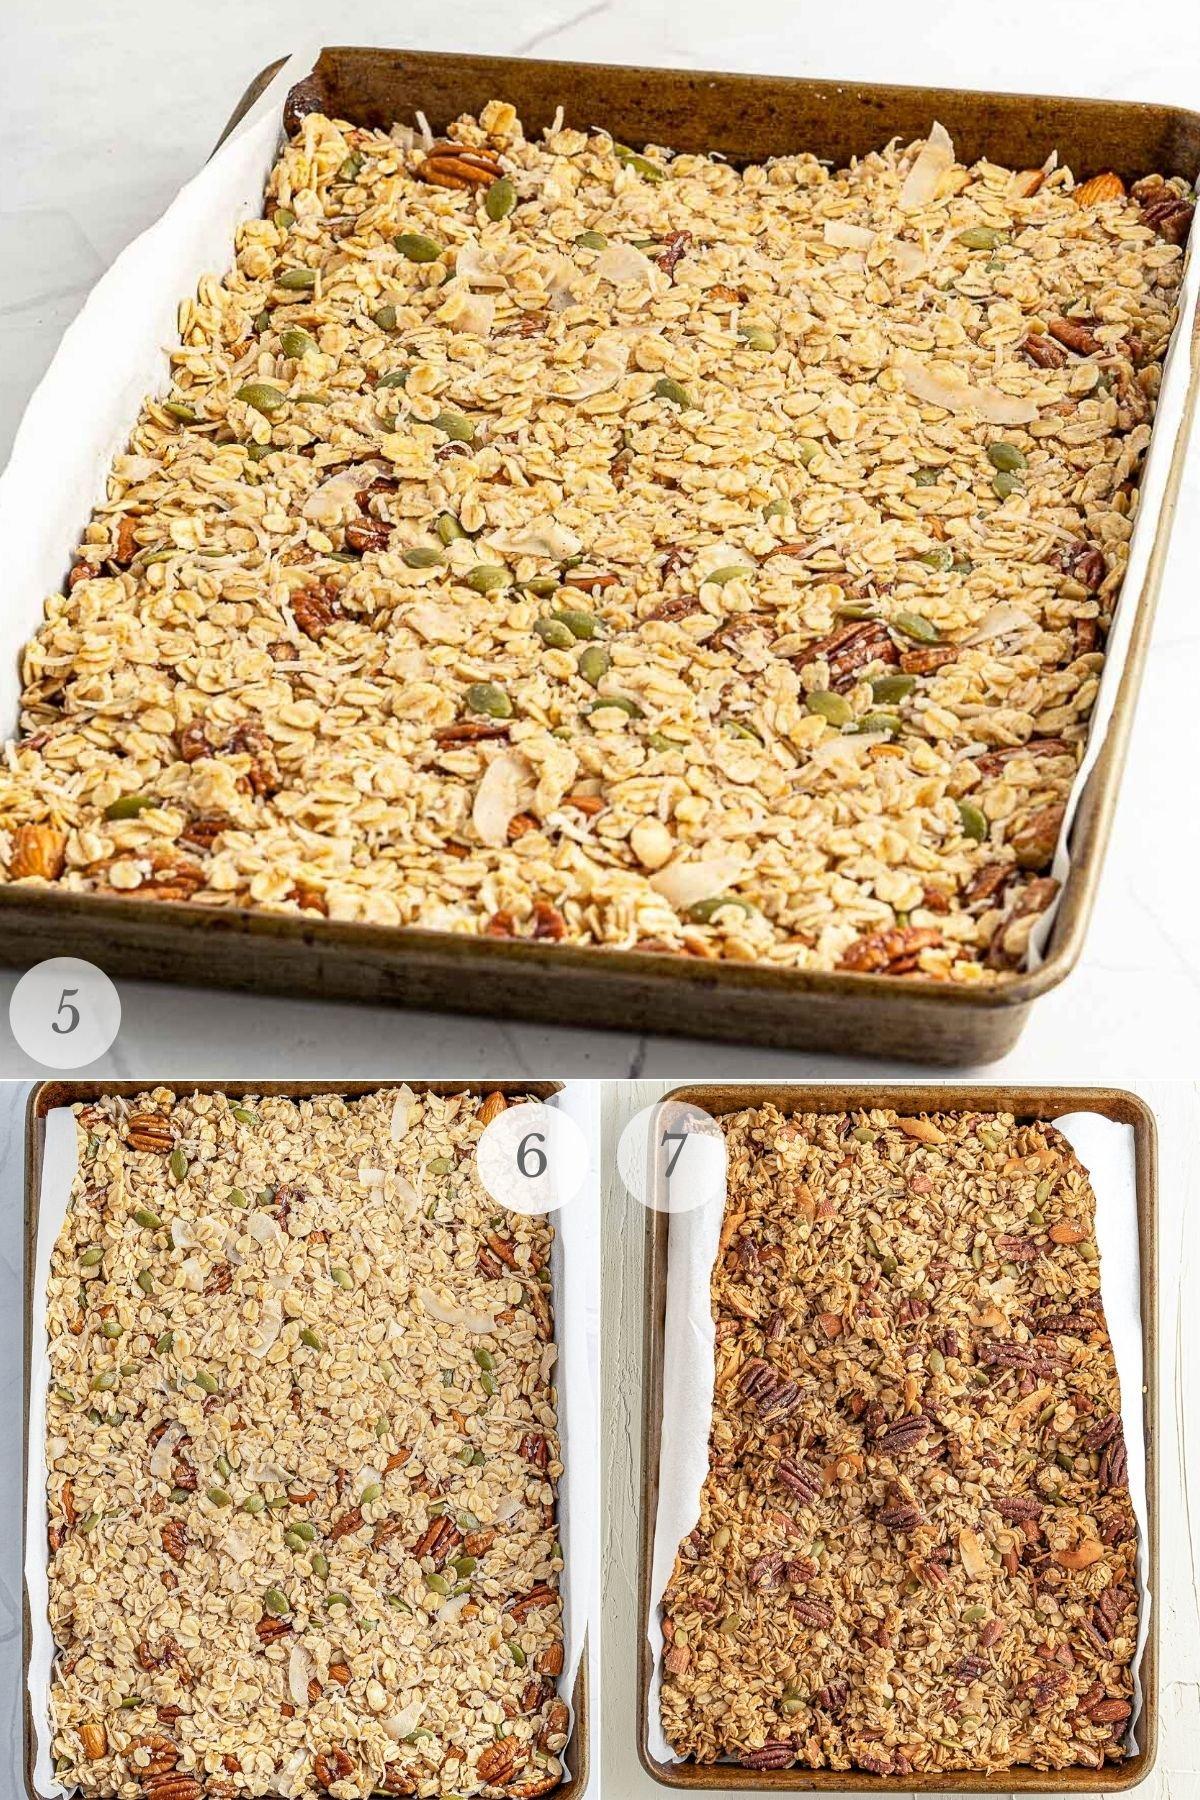 homemade granola recipe steps 5-7